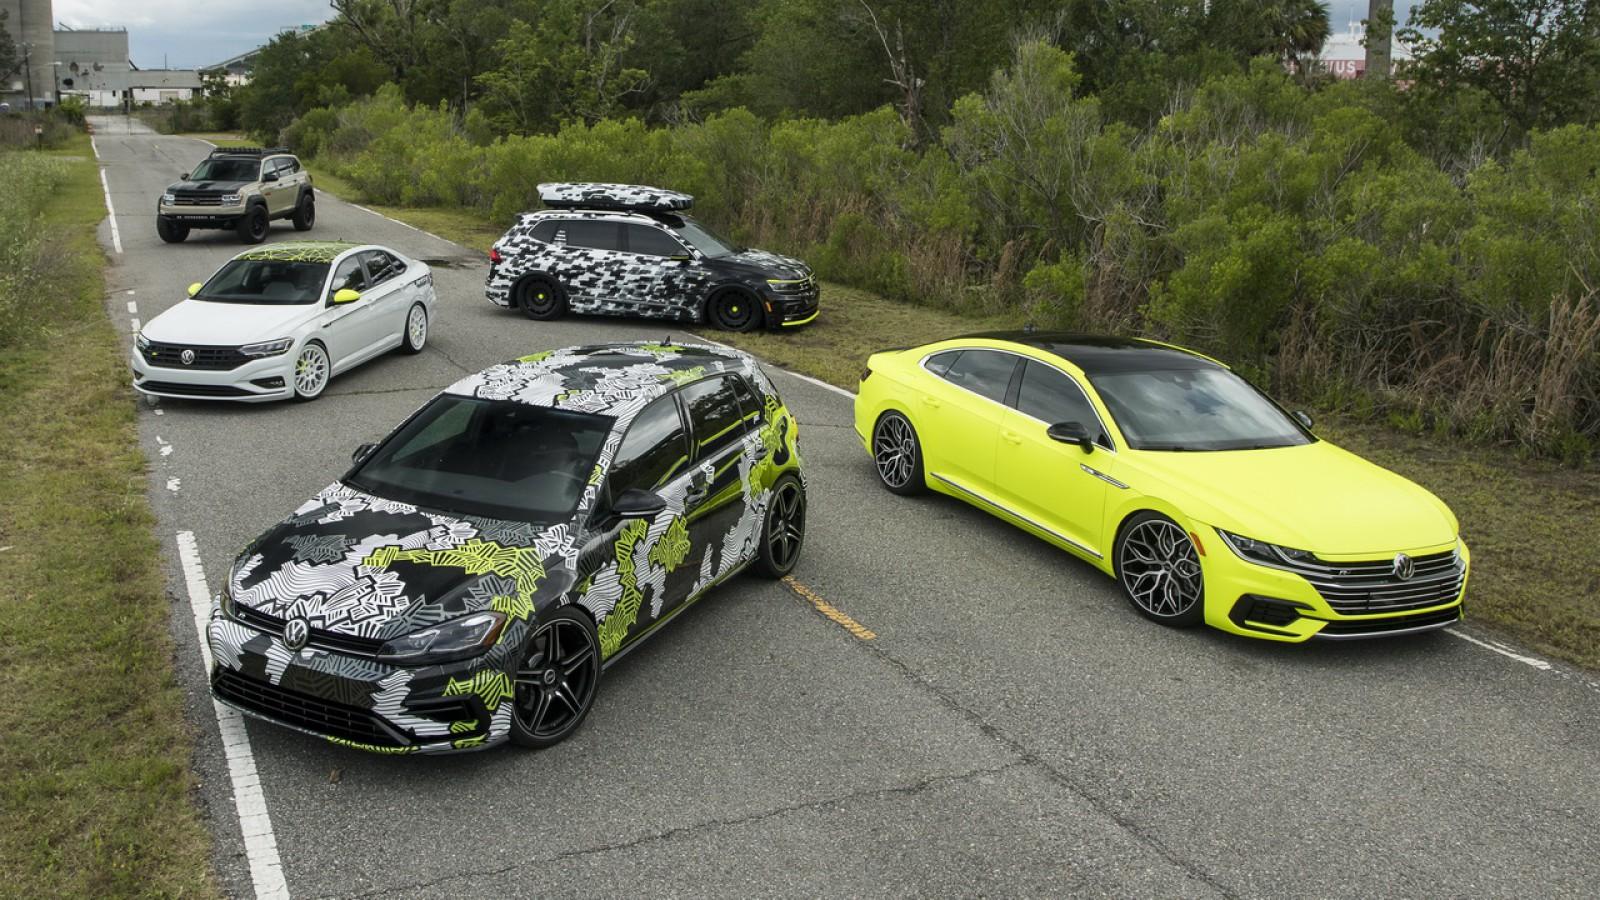 (foto/video) Volkswagen a prezentat cinci mașini speciale, făcute după ideile fanilor mărcii